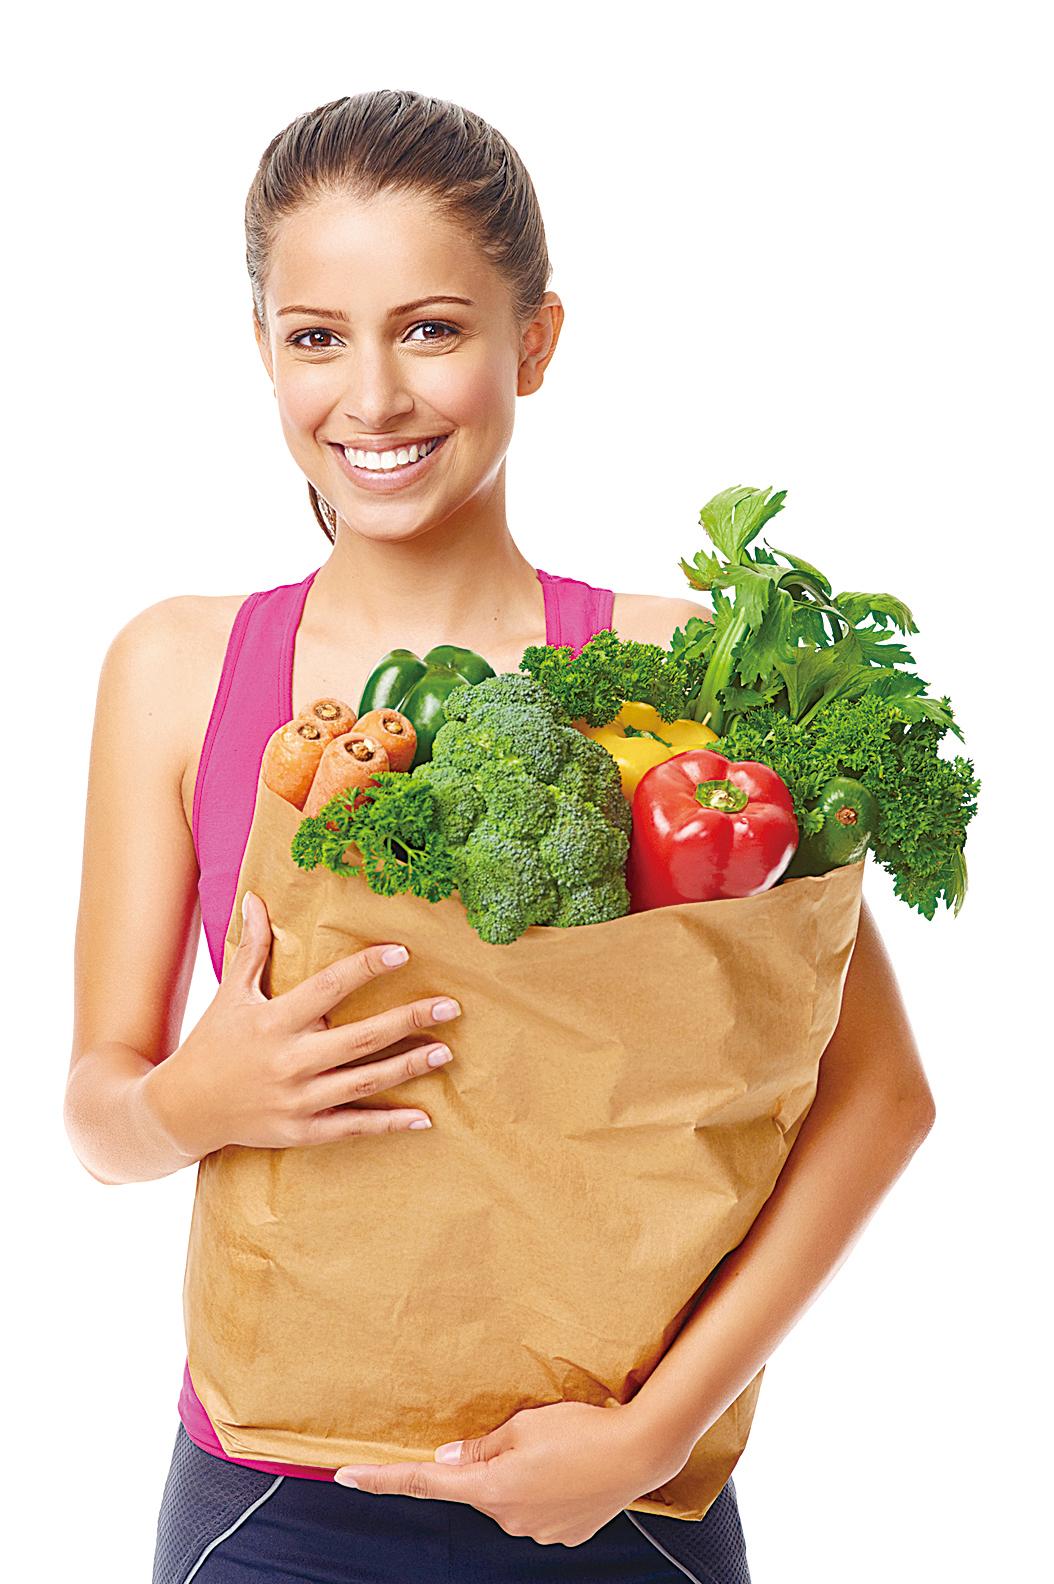 蔬菜水果買多不擔心六招輕鬆保鮮